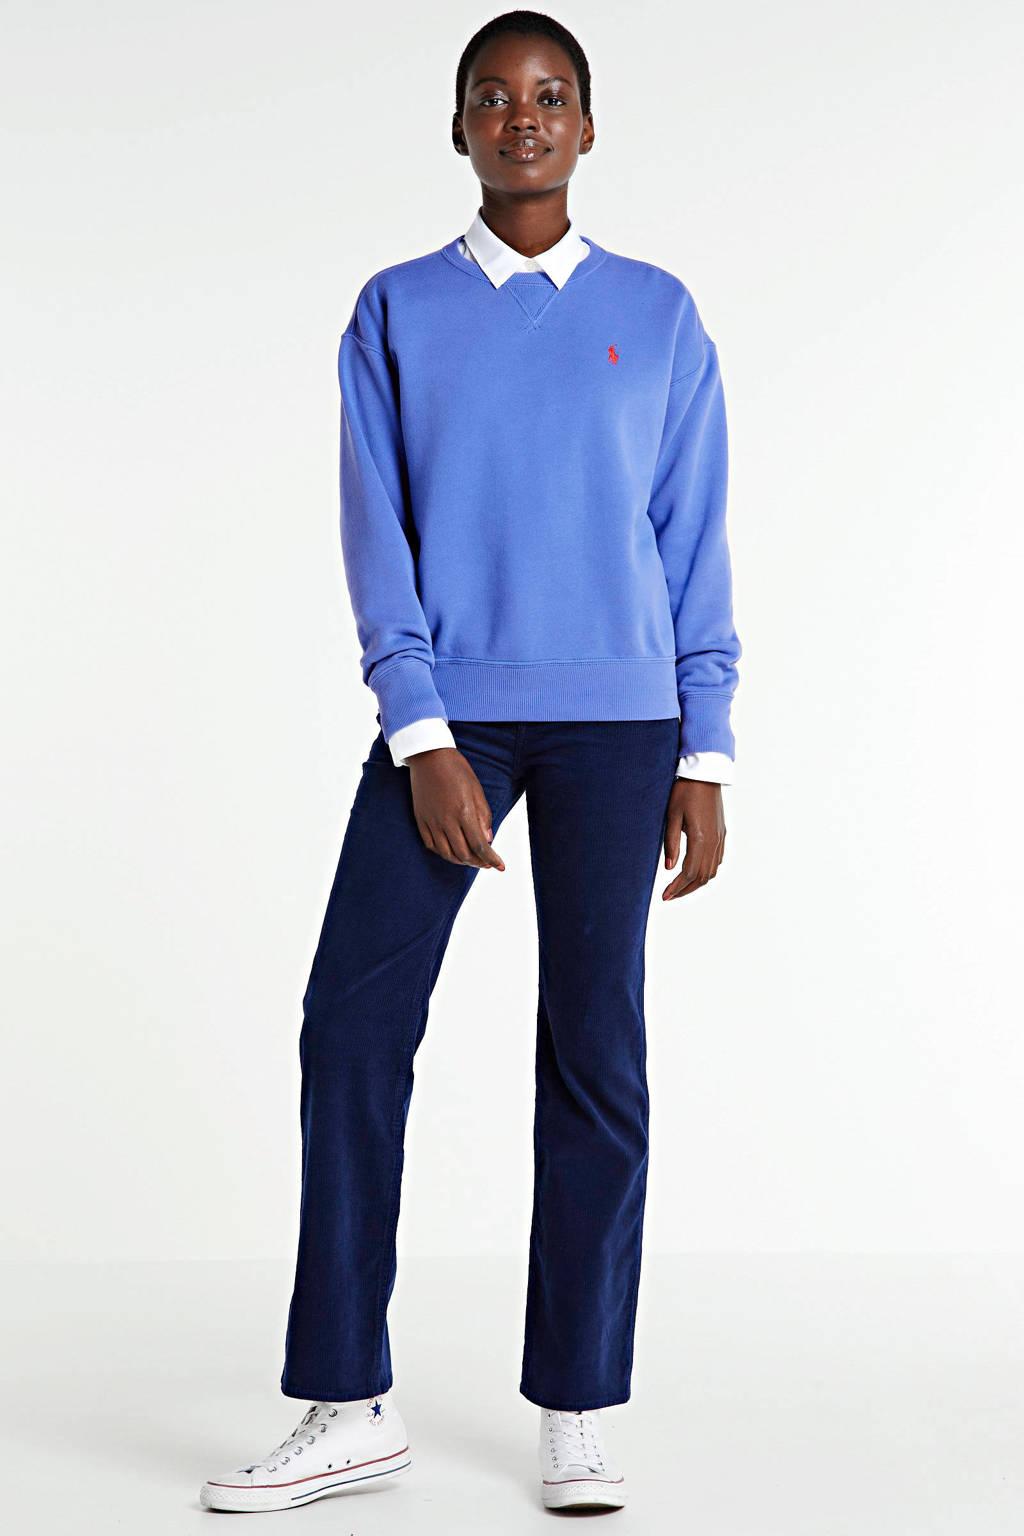 POLO Ralph Lauren trui met logo resort blue, RESORT BLUE